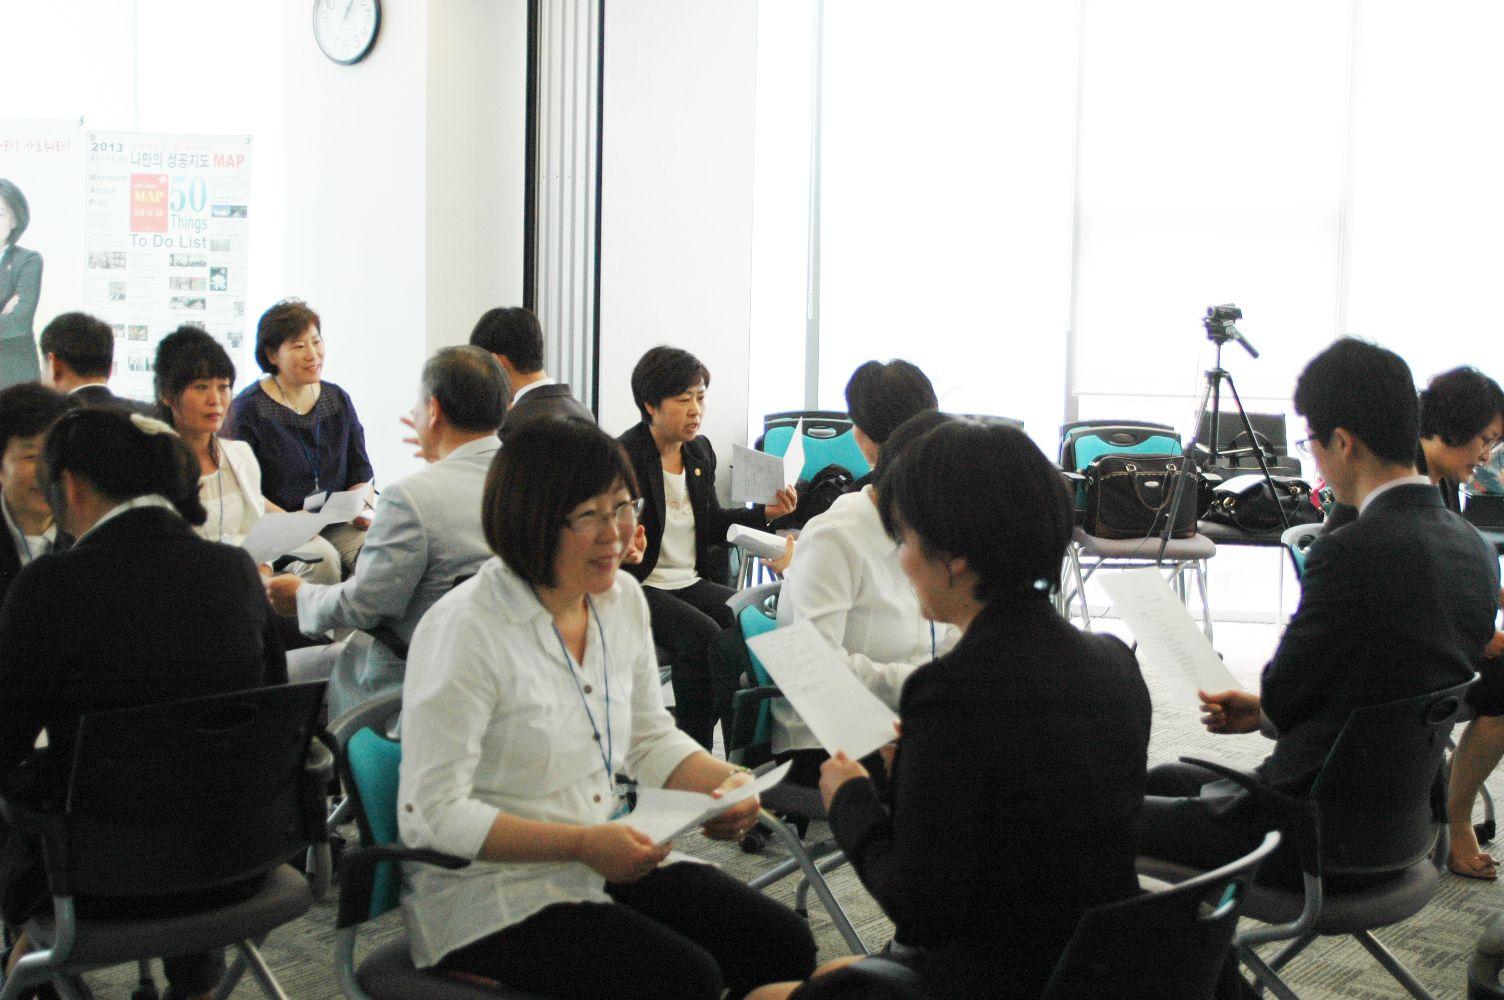 2014 전천후강사육성과정 2주차 204.5.17 매주 토요일 2014 Global Speaker Training Seminar 2nd 나를 PR한다!!